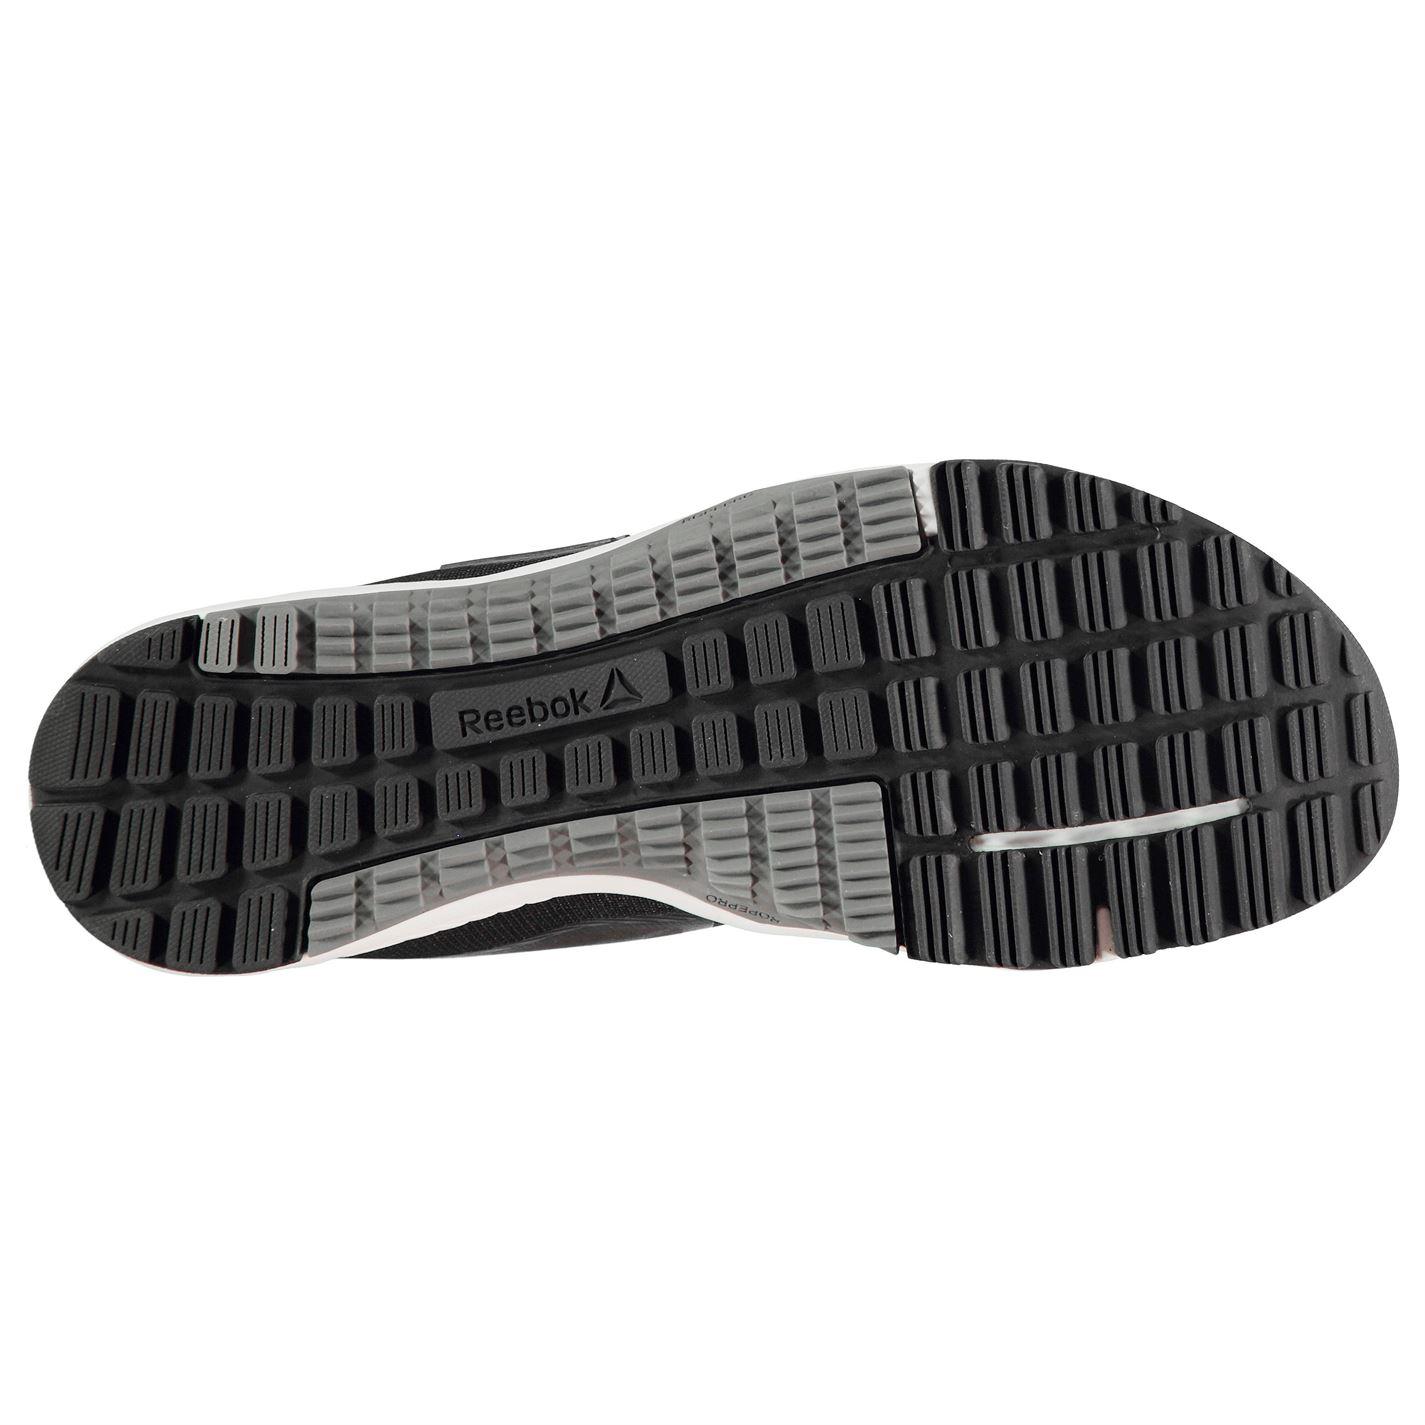 con Negro 2 cordones hombre Para Reebok Zapatillas hombre 0 para Deporte Zapatillas blanco Workout HxpvqwgZ